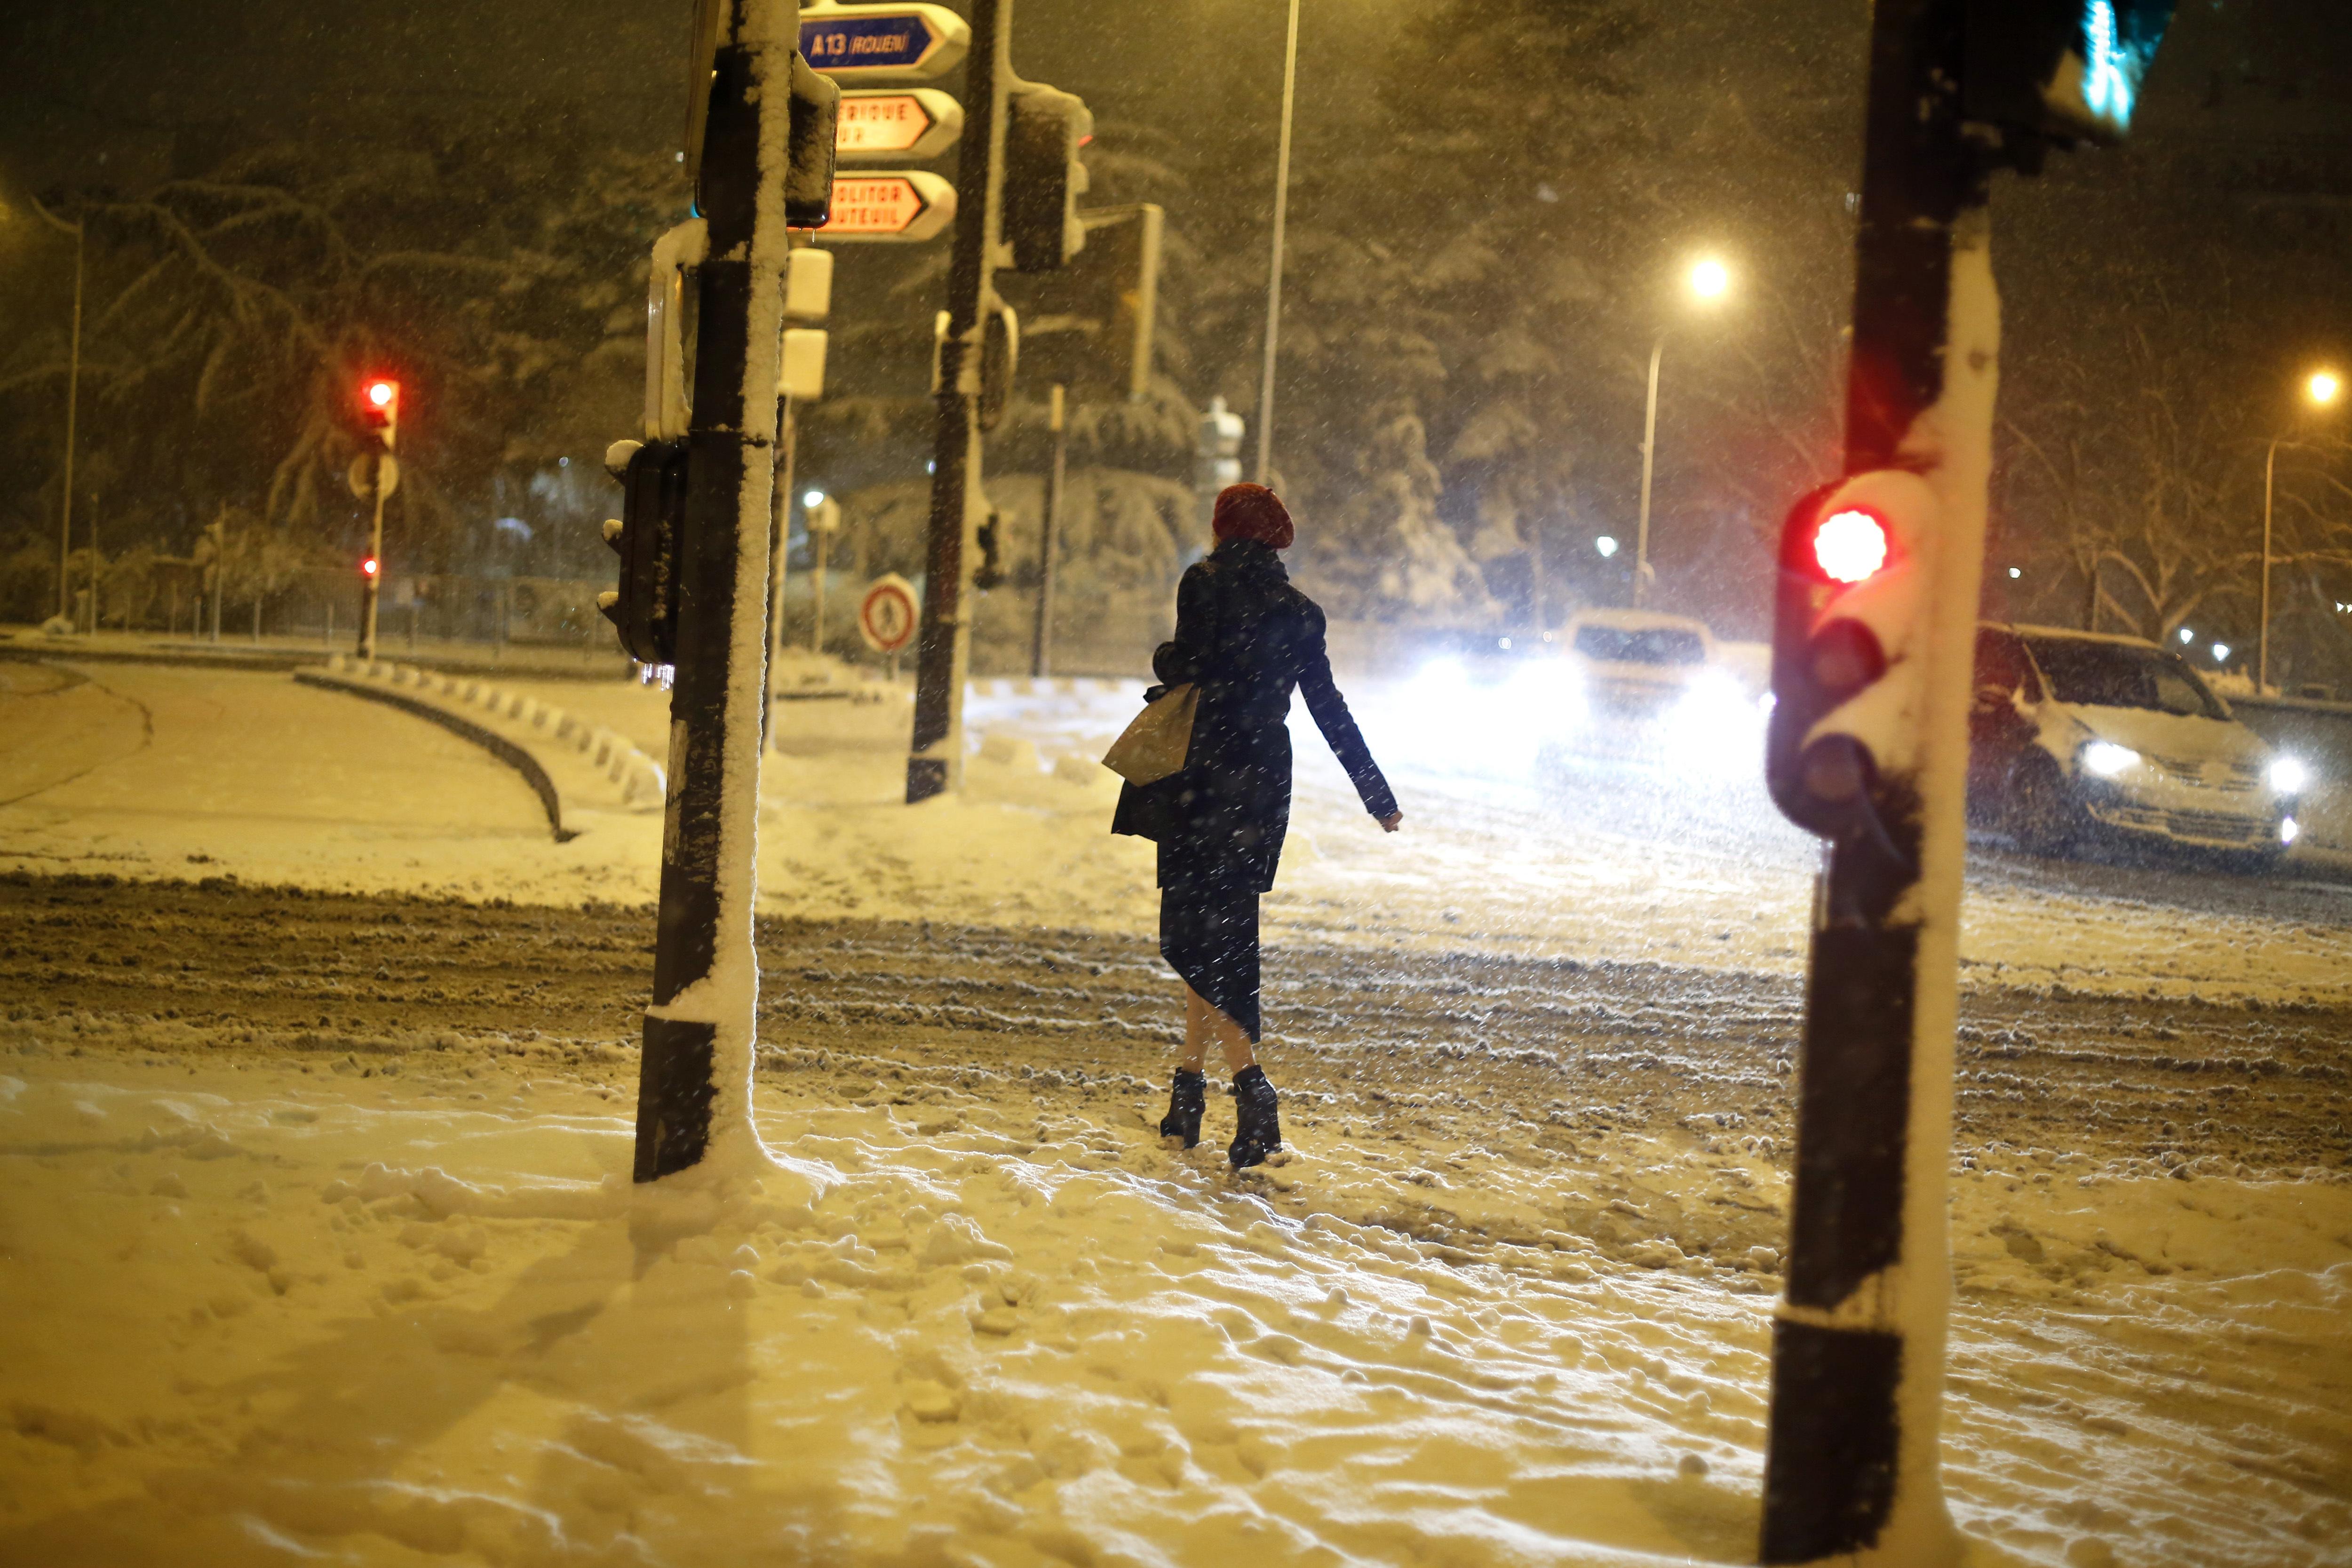 المرأة، المشاوير، إلى داخل، ال التعريف، تساقط الثلج، إلى داخل، باريس، (أب / ثيبولت، كاموس)